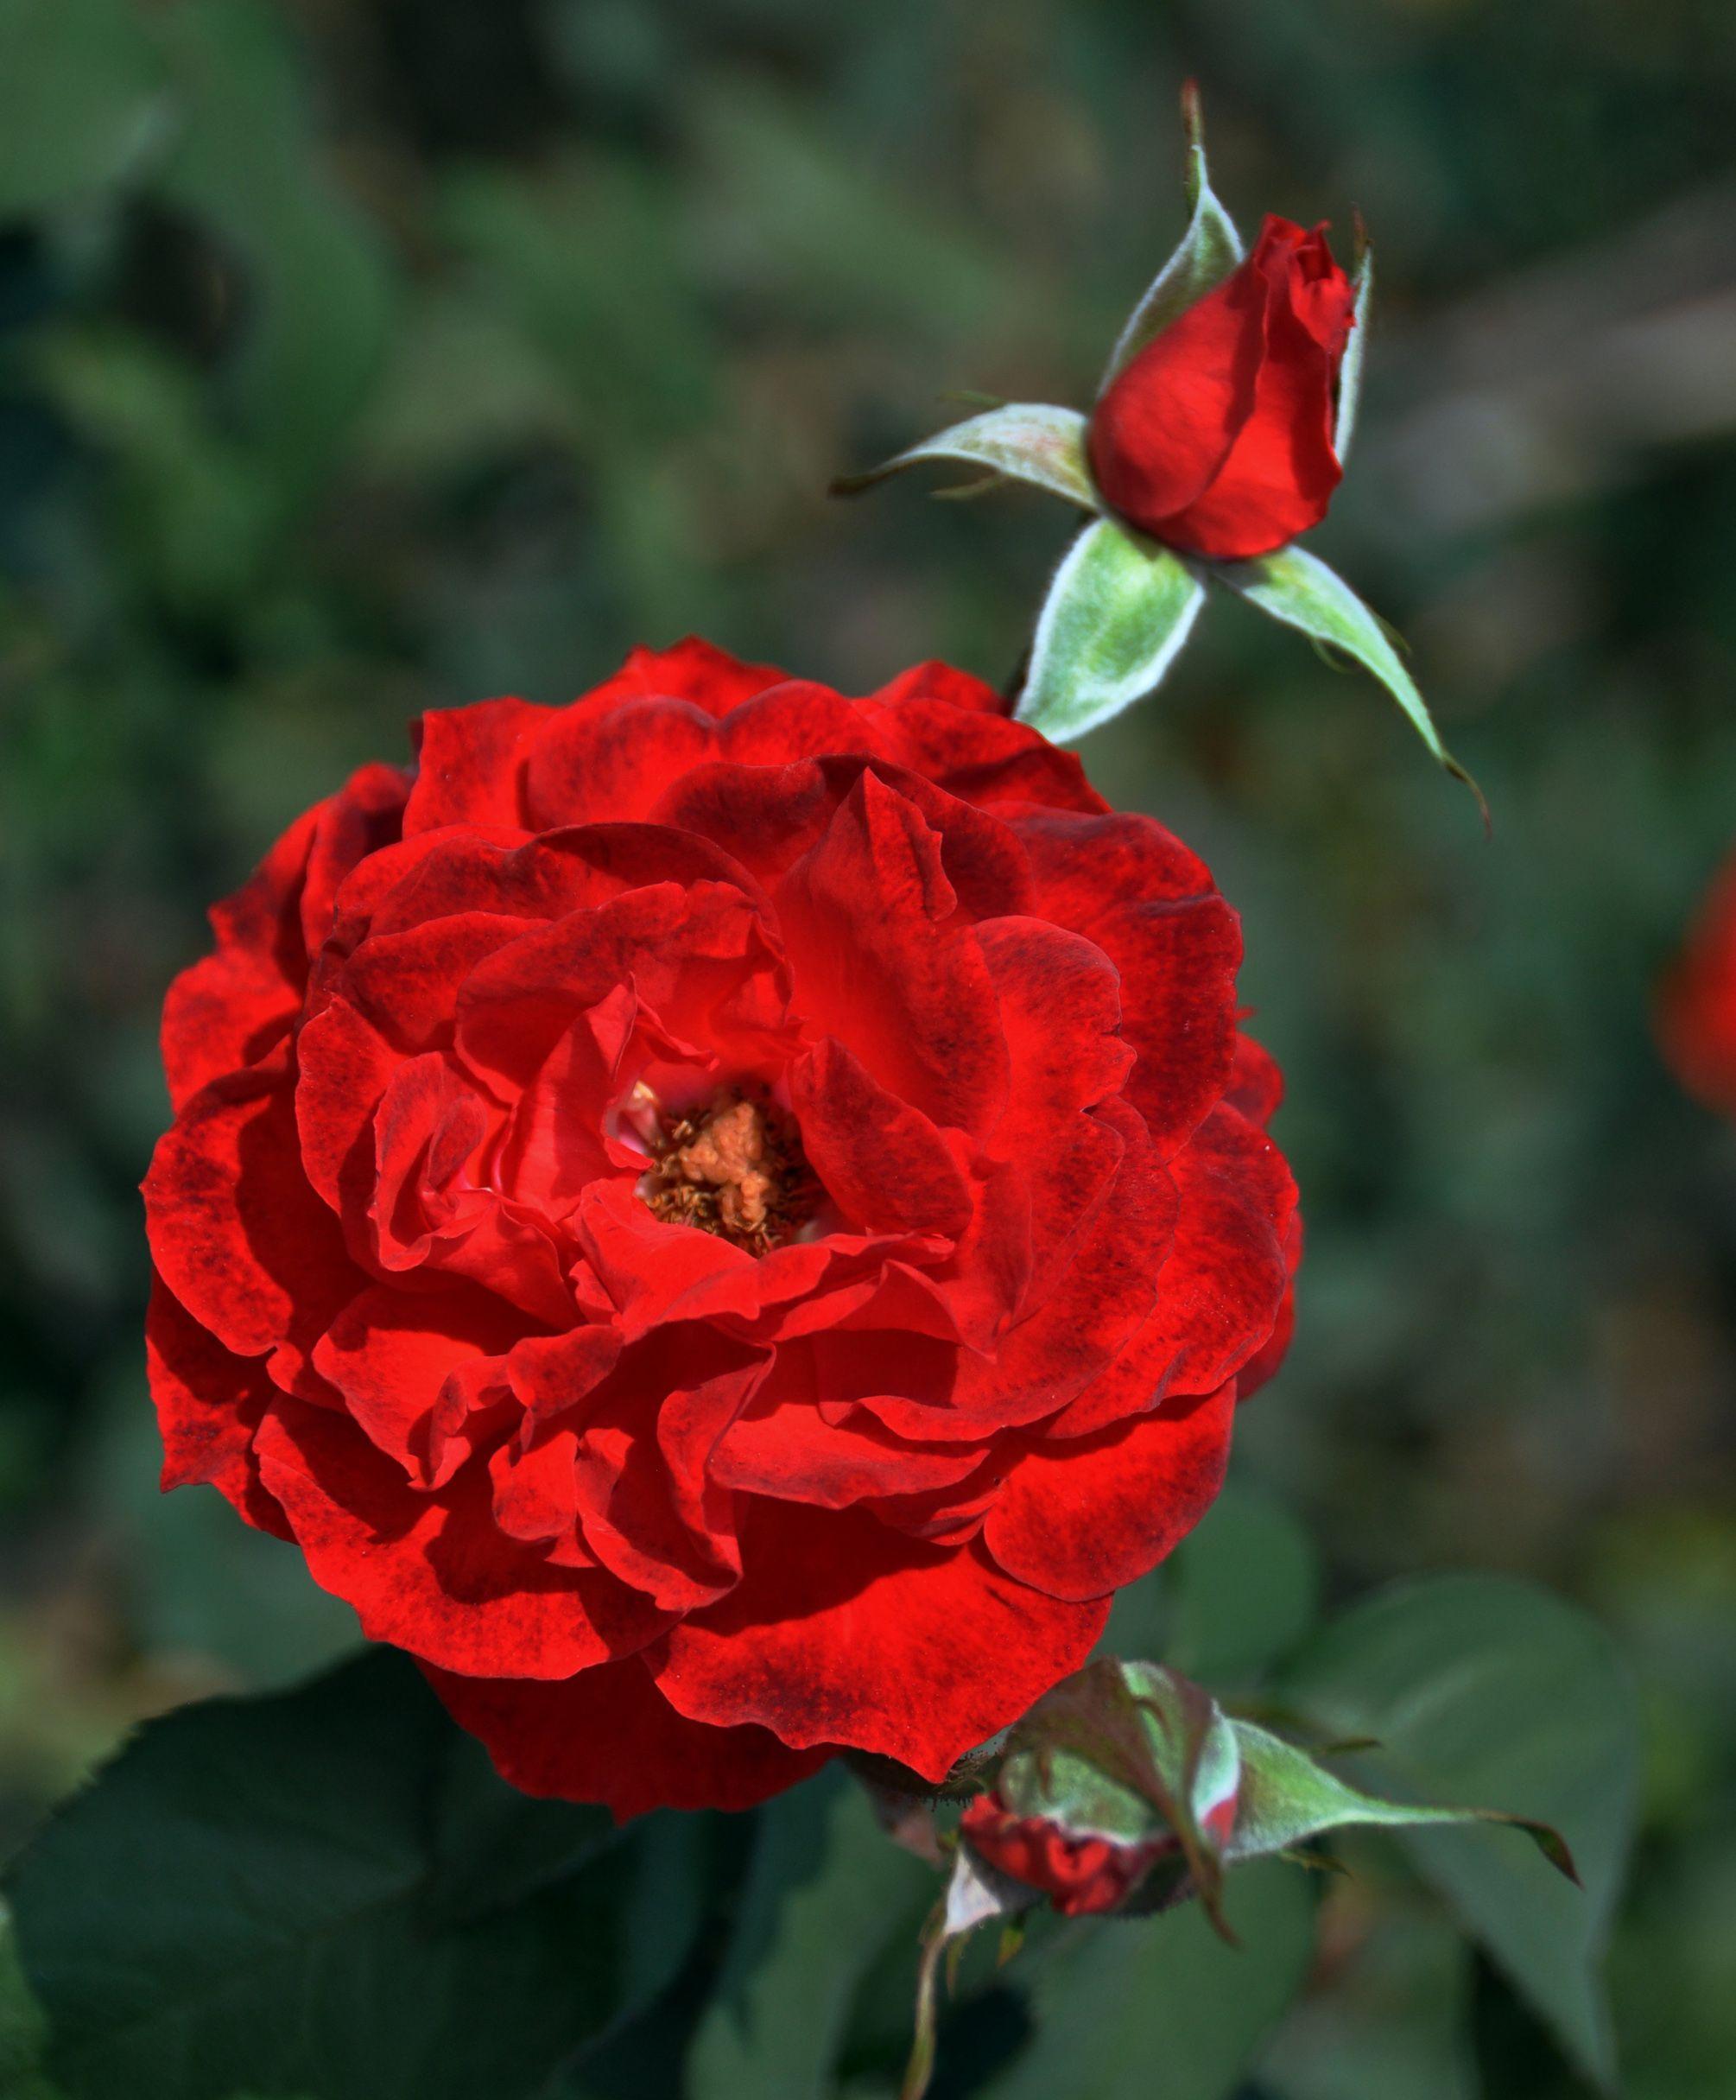 закуска одна алая роза фото надежного, верного